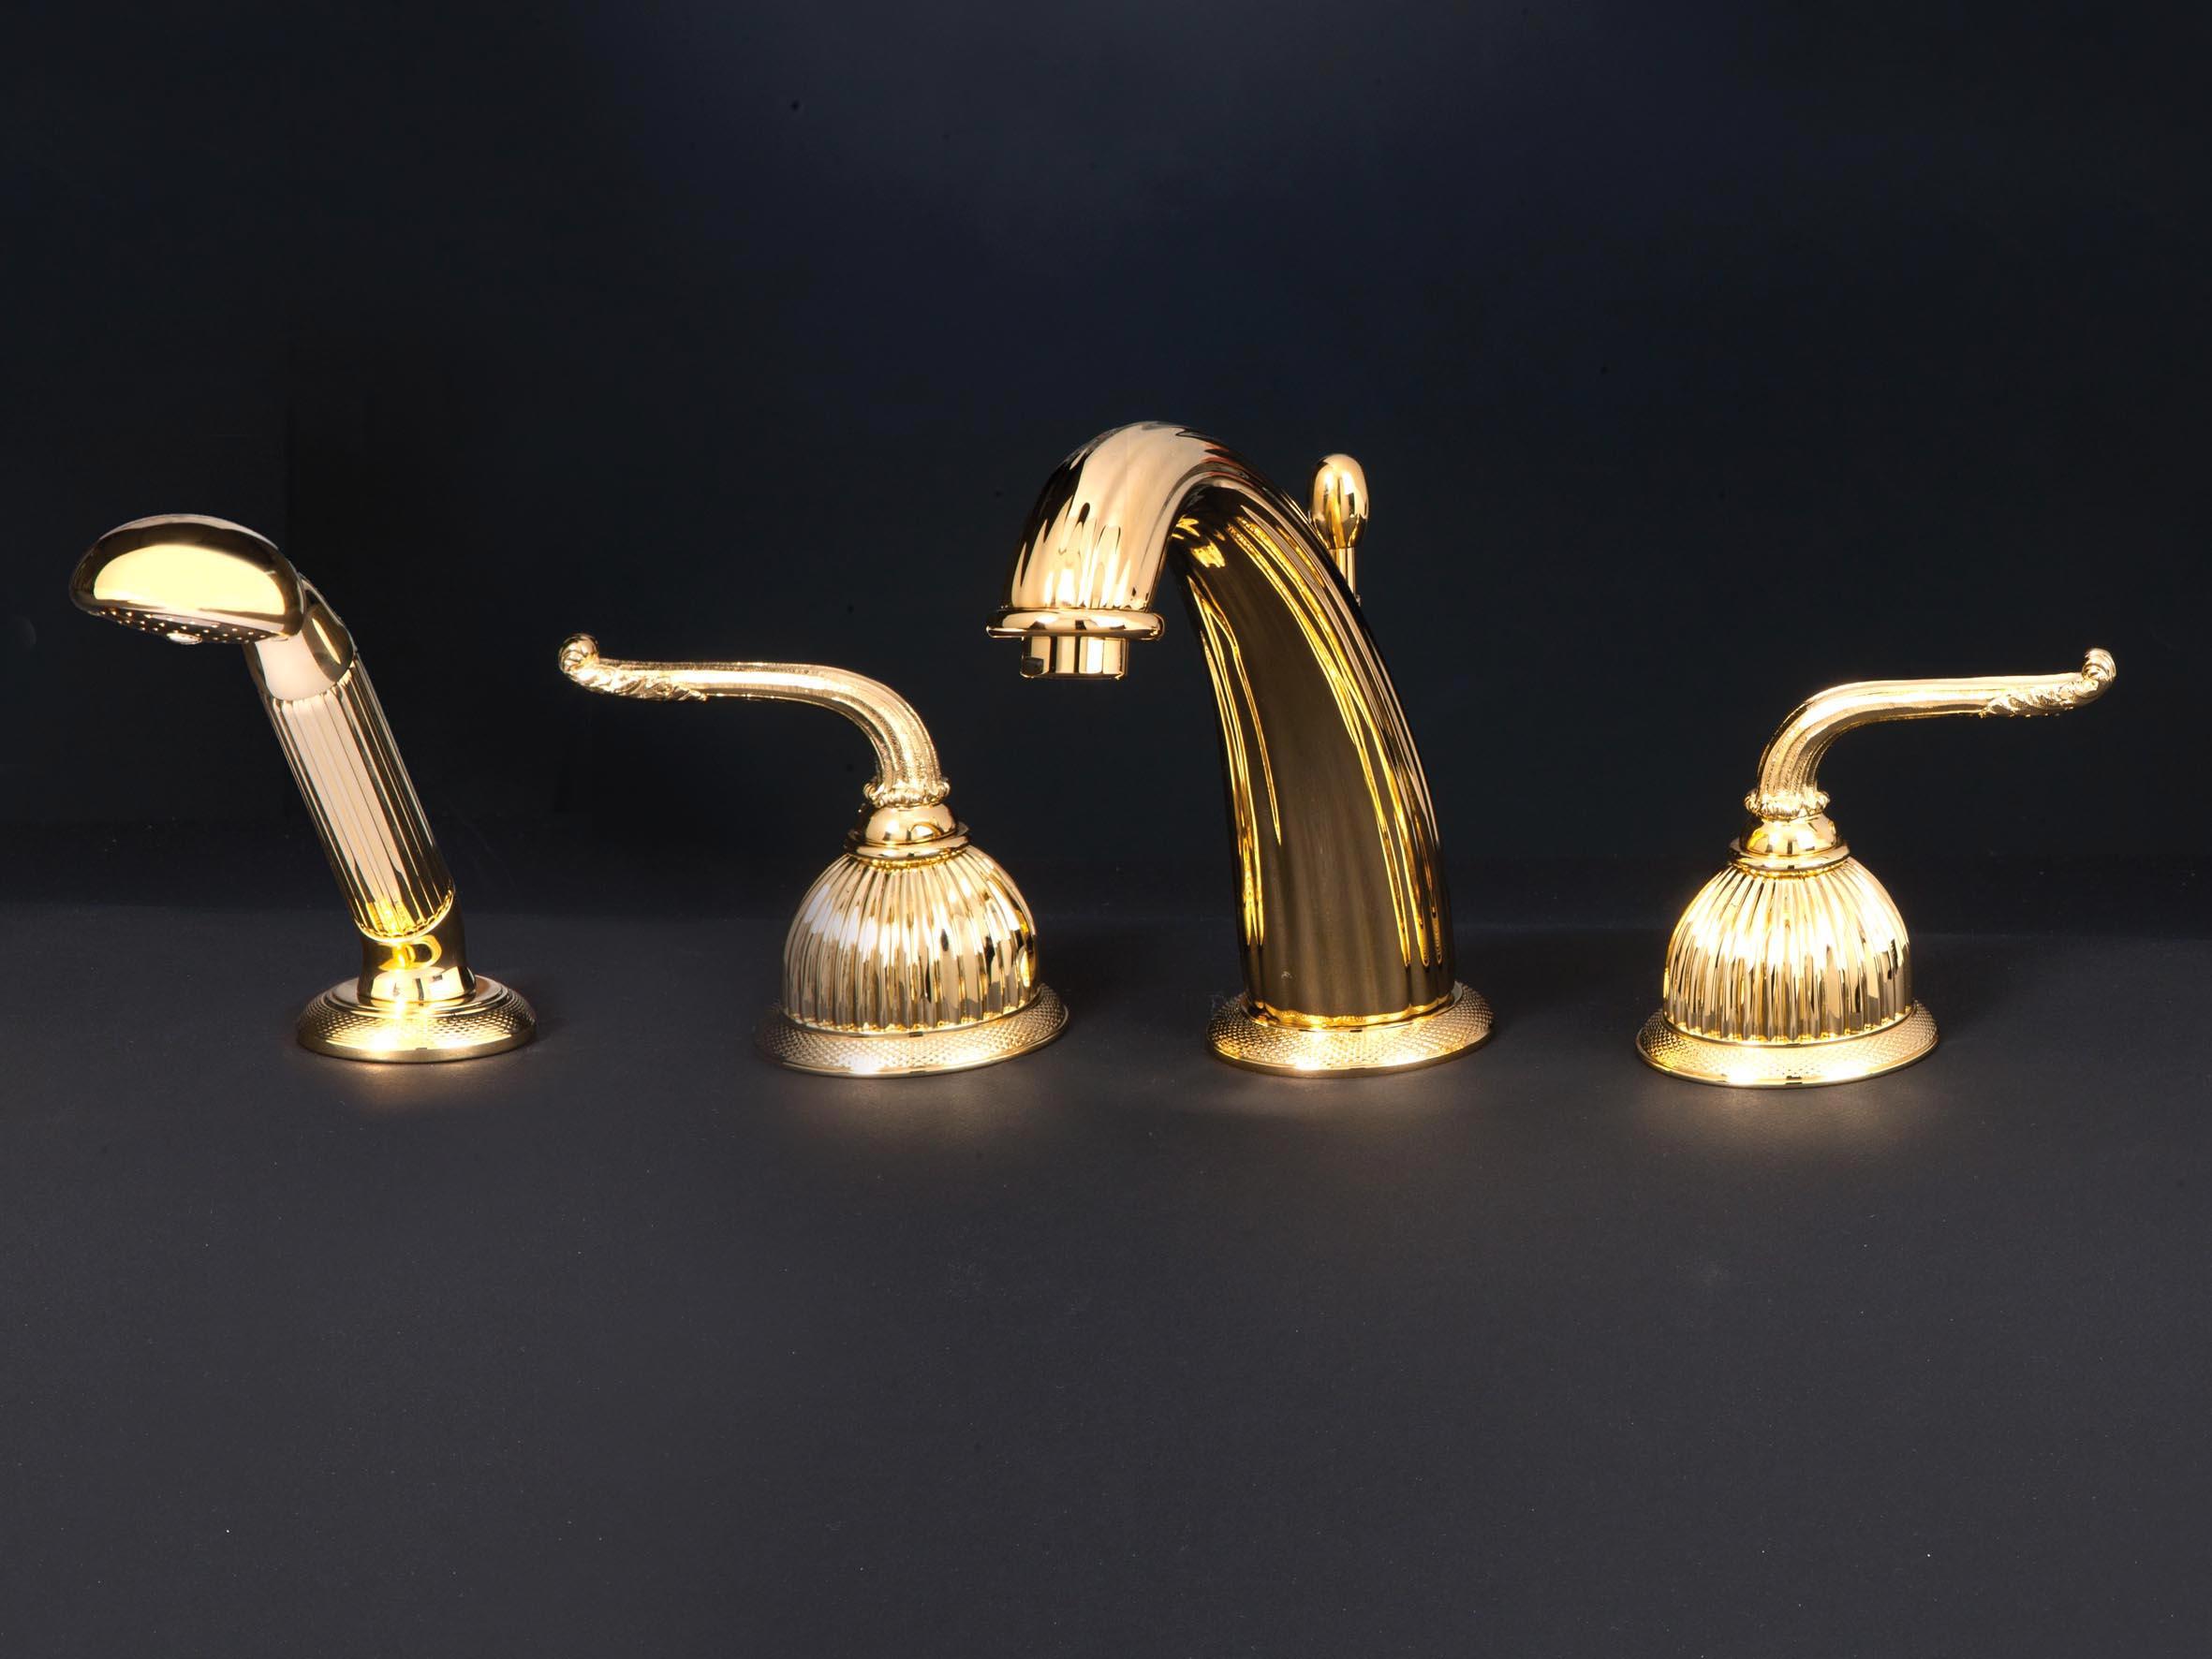 Смеситель для ванны с душем Cristal-et-Bronze Saint-Honore, арт. 25824-71, на 4 отверстия